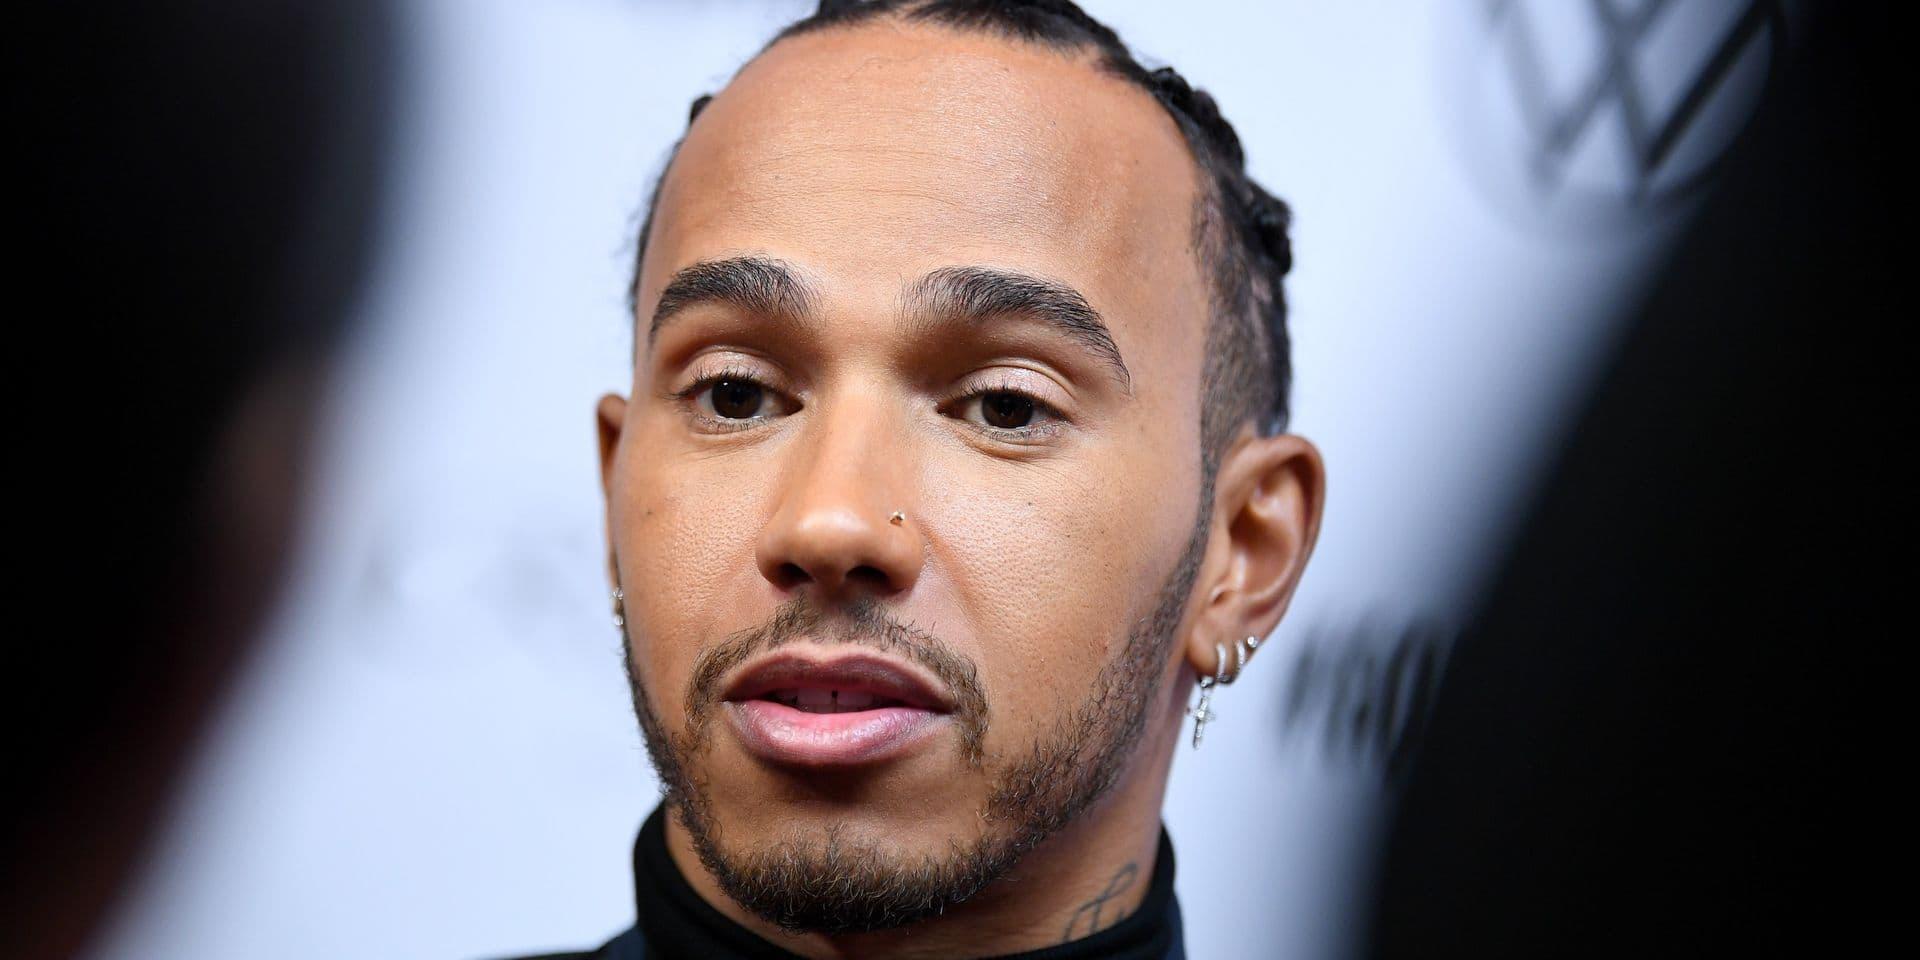 F1: La FIA pourrait ouvrir une enquête sur Lewis Hamilton pour un message anti-raciste